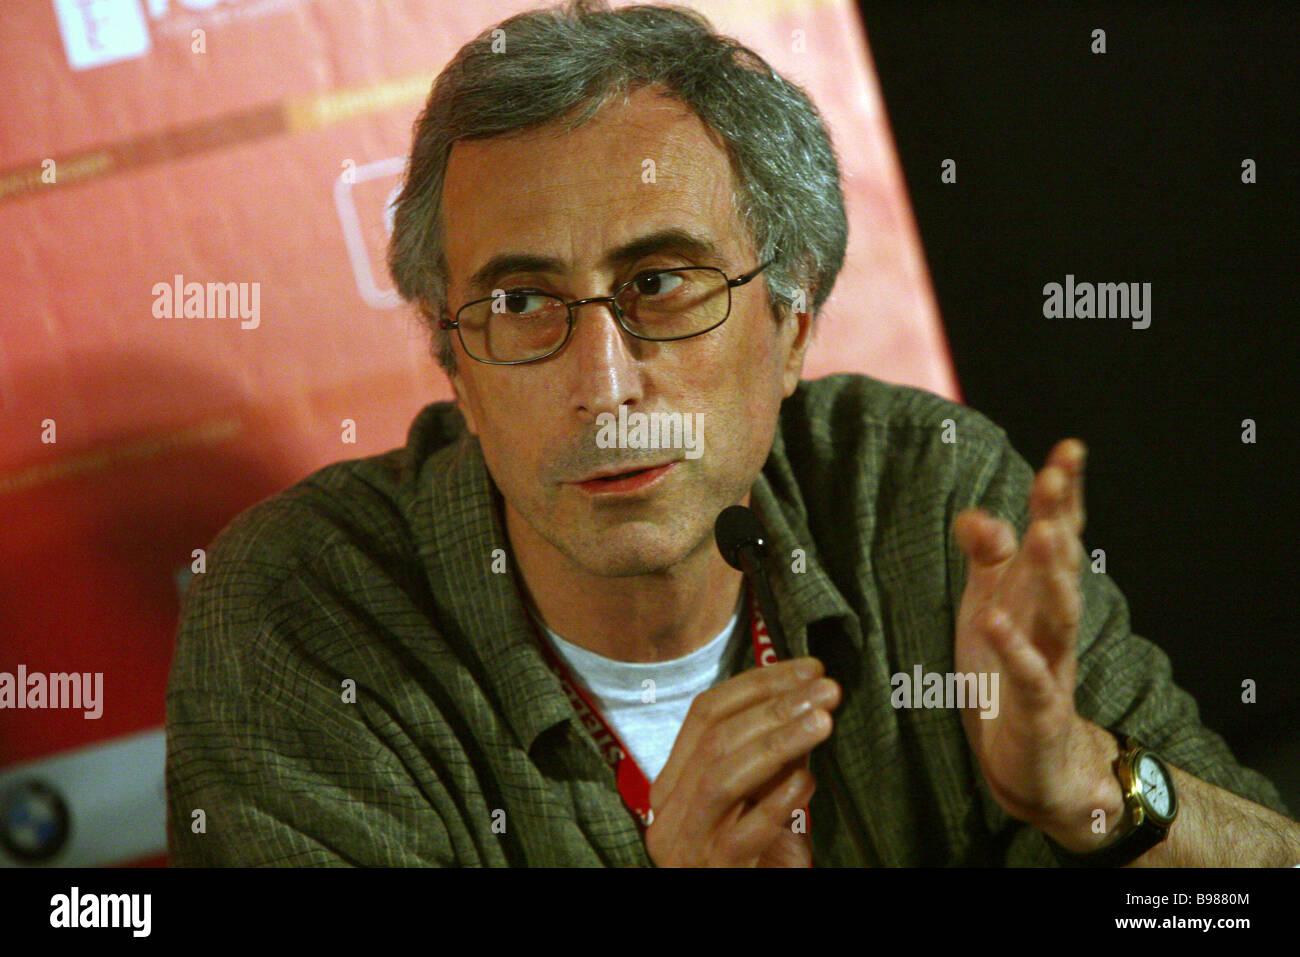 Georgian regista Dito Tsintsadze frequentando news conferenza per il concorso principale giuria del XIX Moscow International Immagini Stock